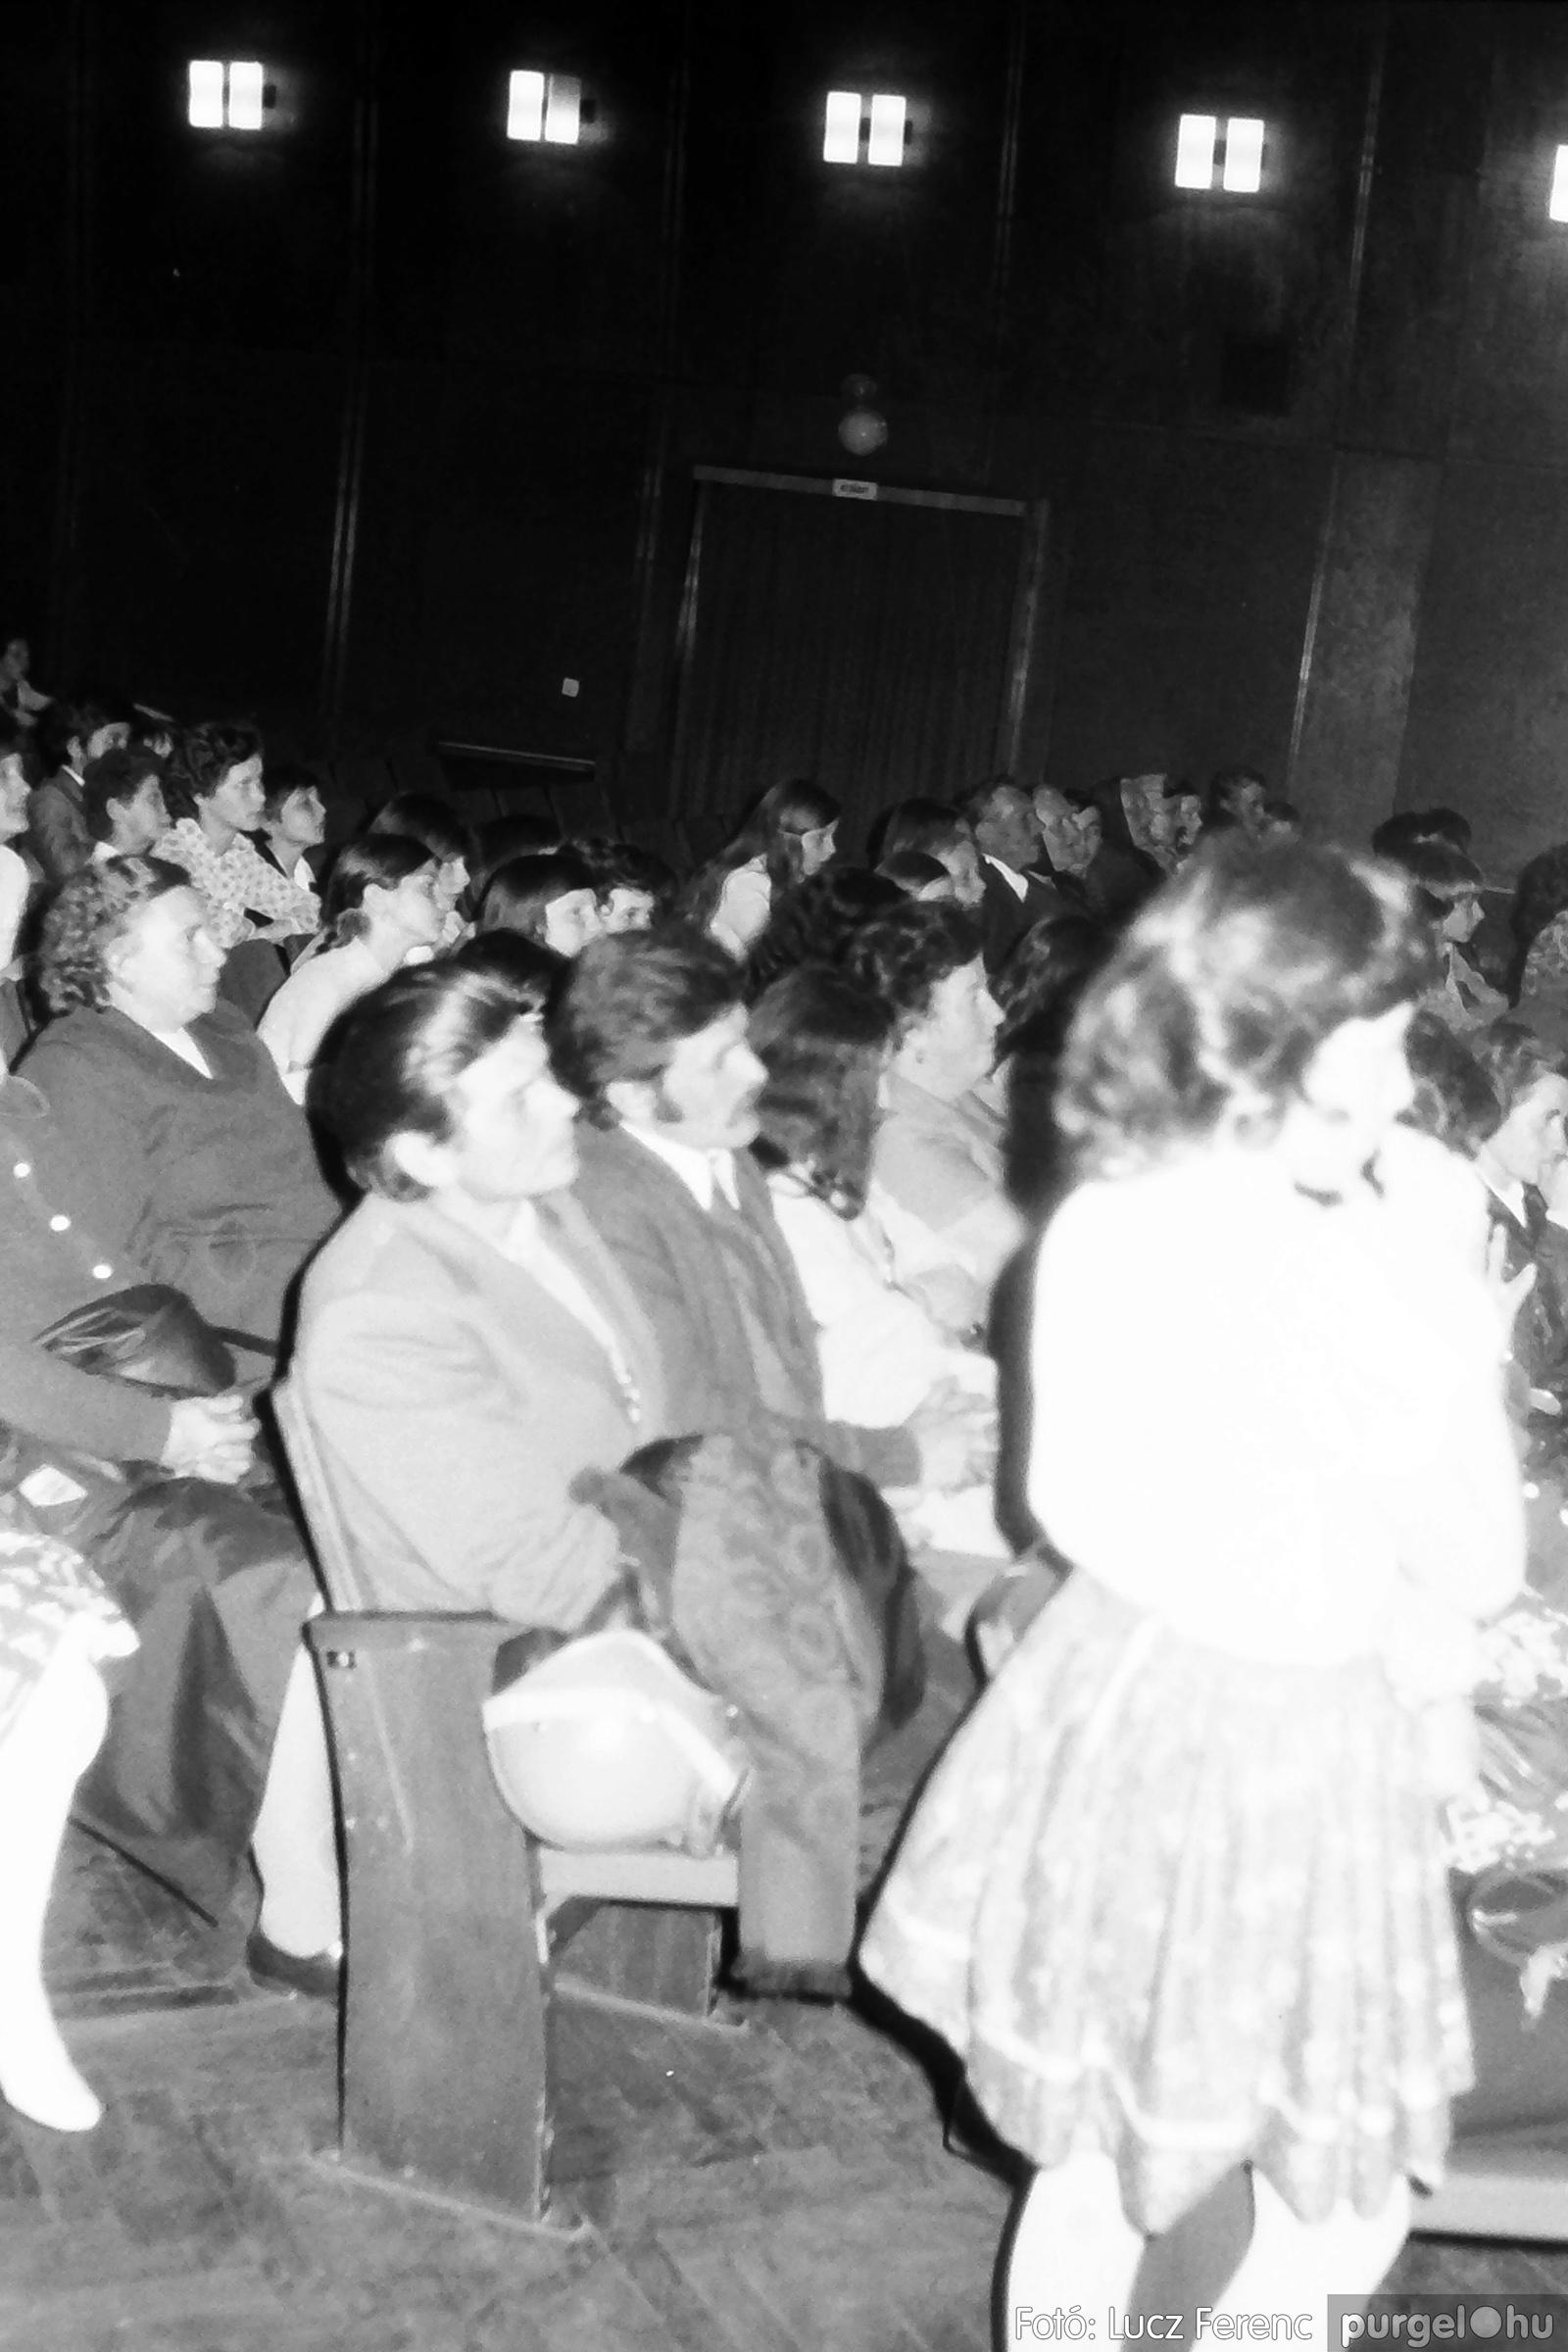 077. 1977. Kulturális seregszemle Mindszenten 010. - Fotó: Lucz Ferenc.jpg